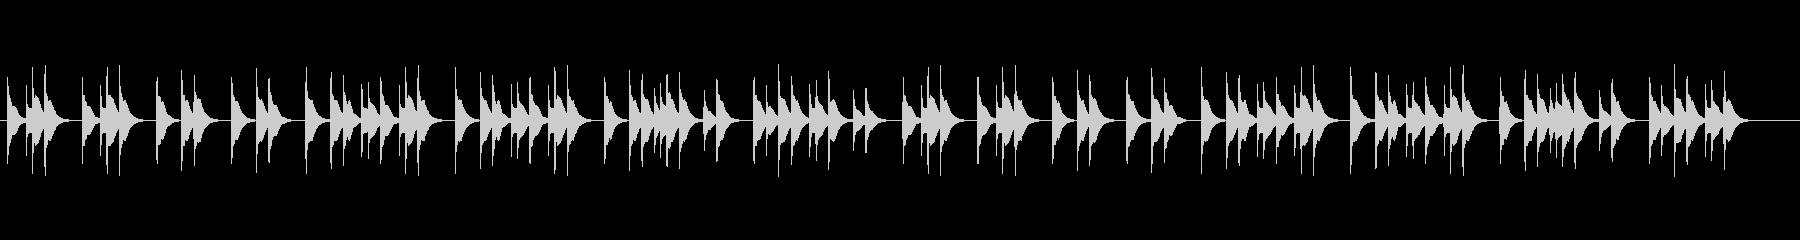 静かなきよしこの夜オルゴール版ですの未再生の波形